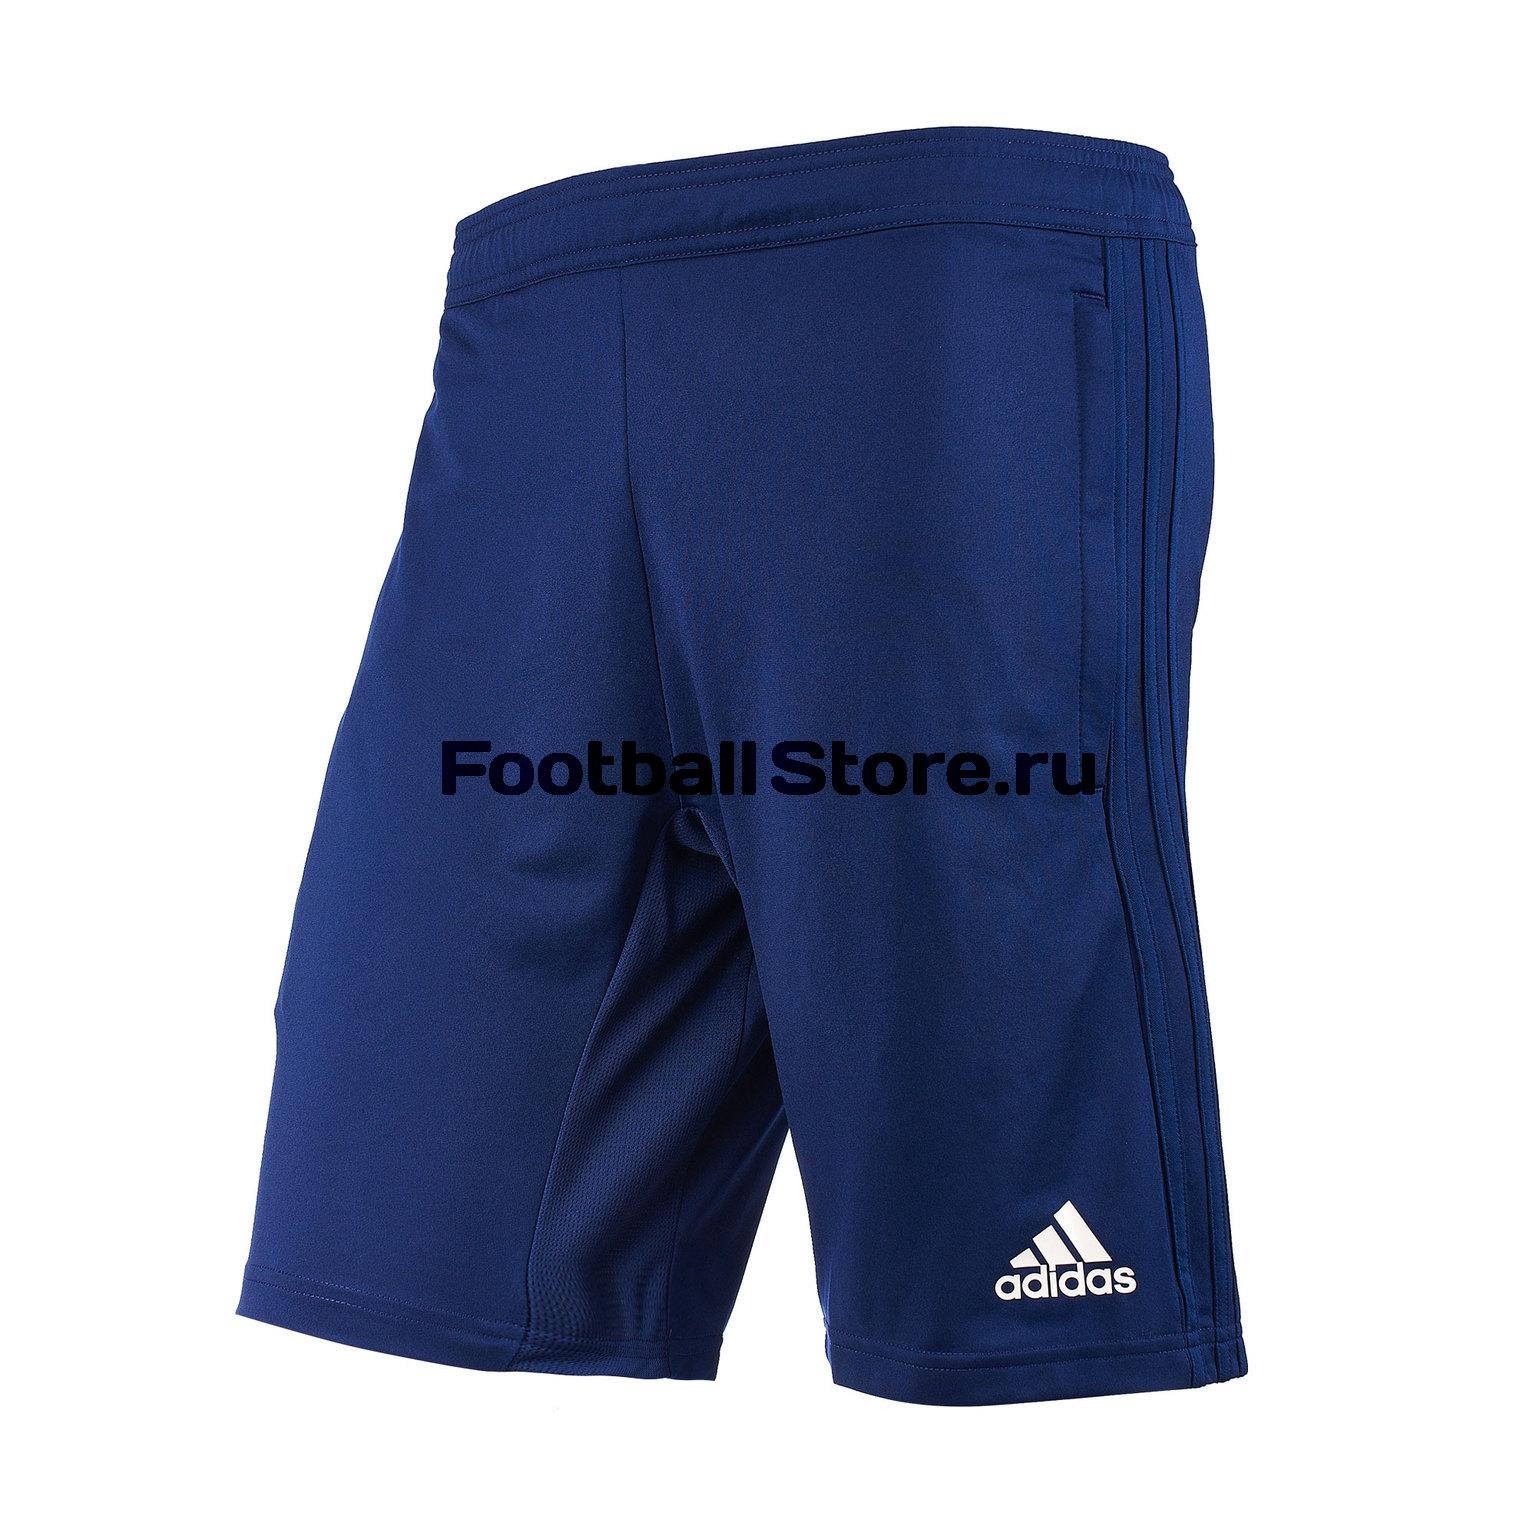 Шорты тренировочные Adidas Con18 CV8381 шорты тренировочные adidas russia sho cf0563